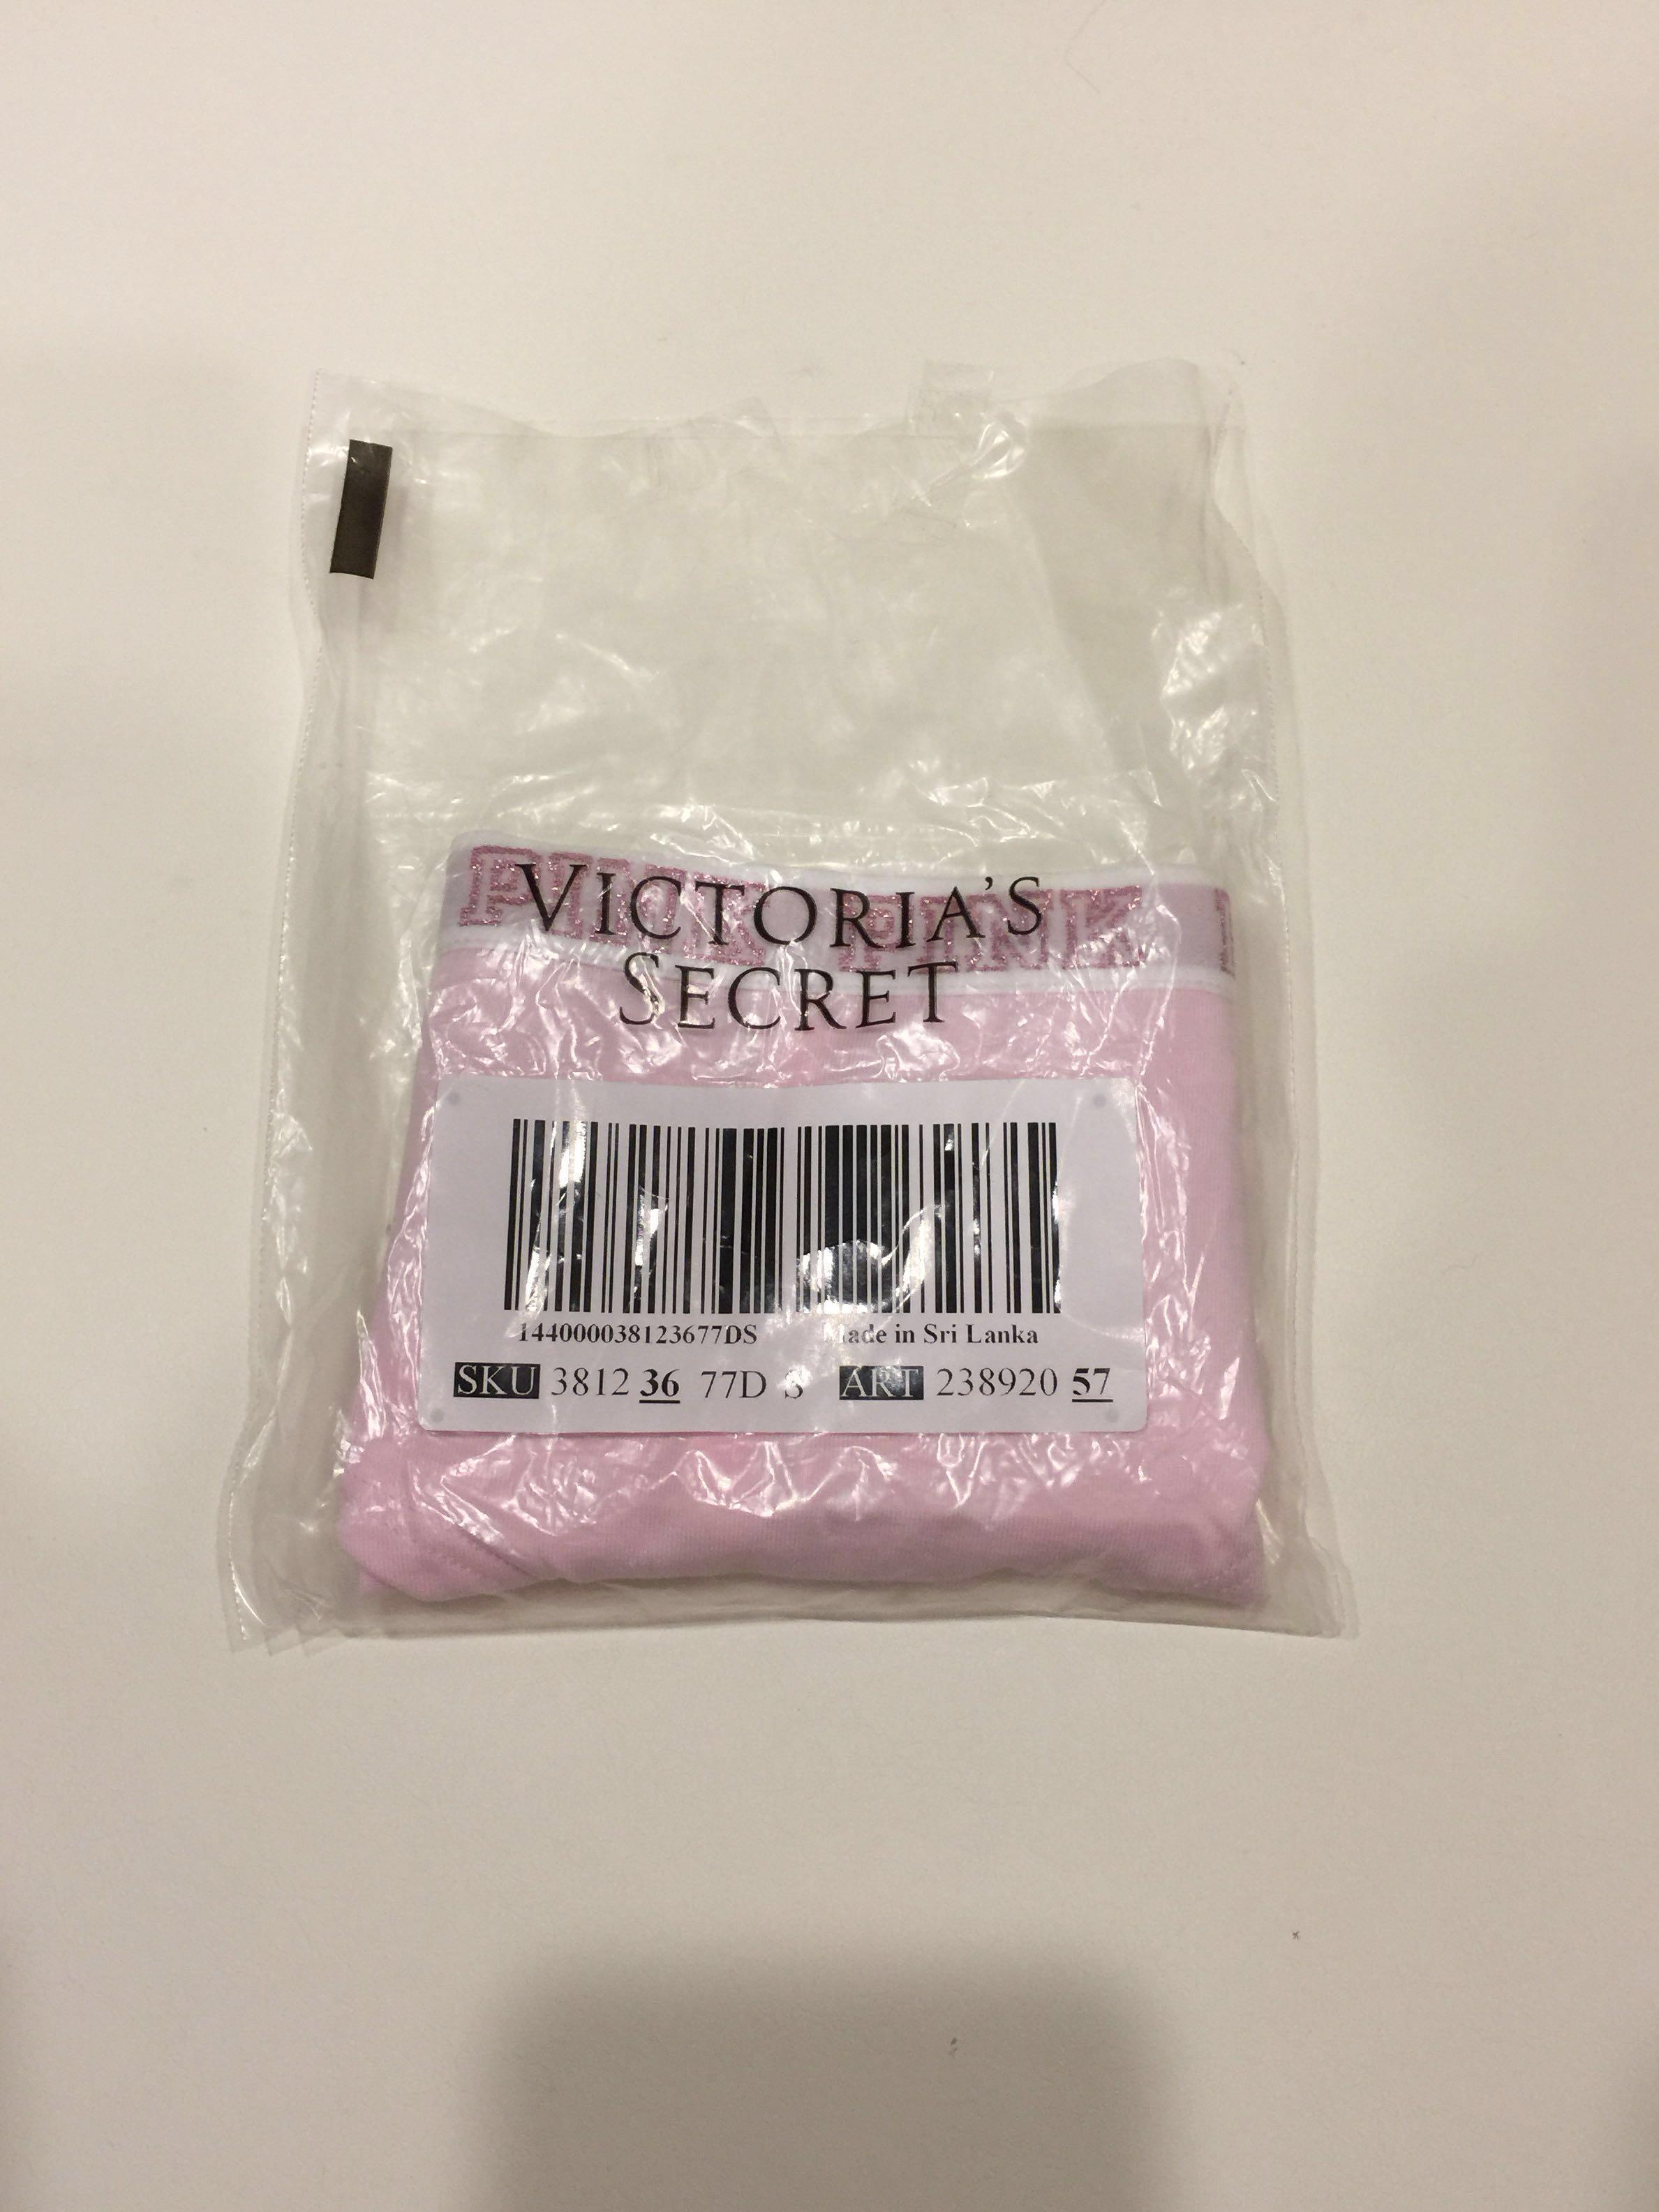 維多利亞的秘密Logo內褲 Victoria's secret pink內褲